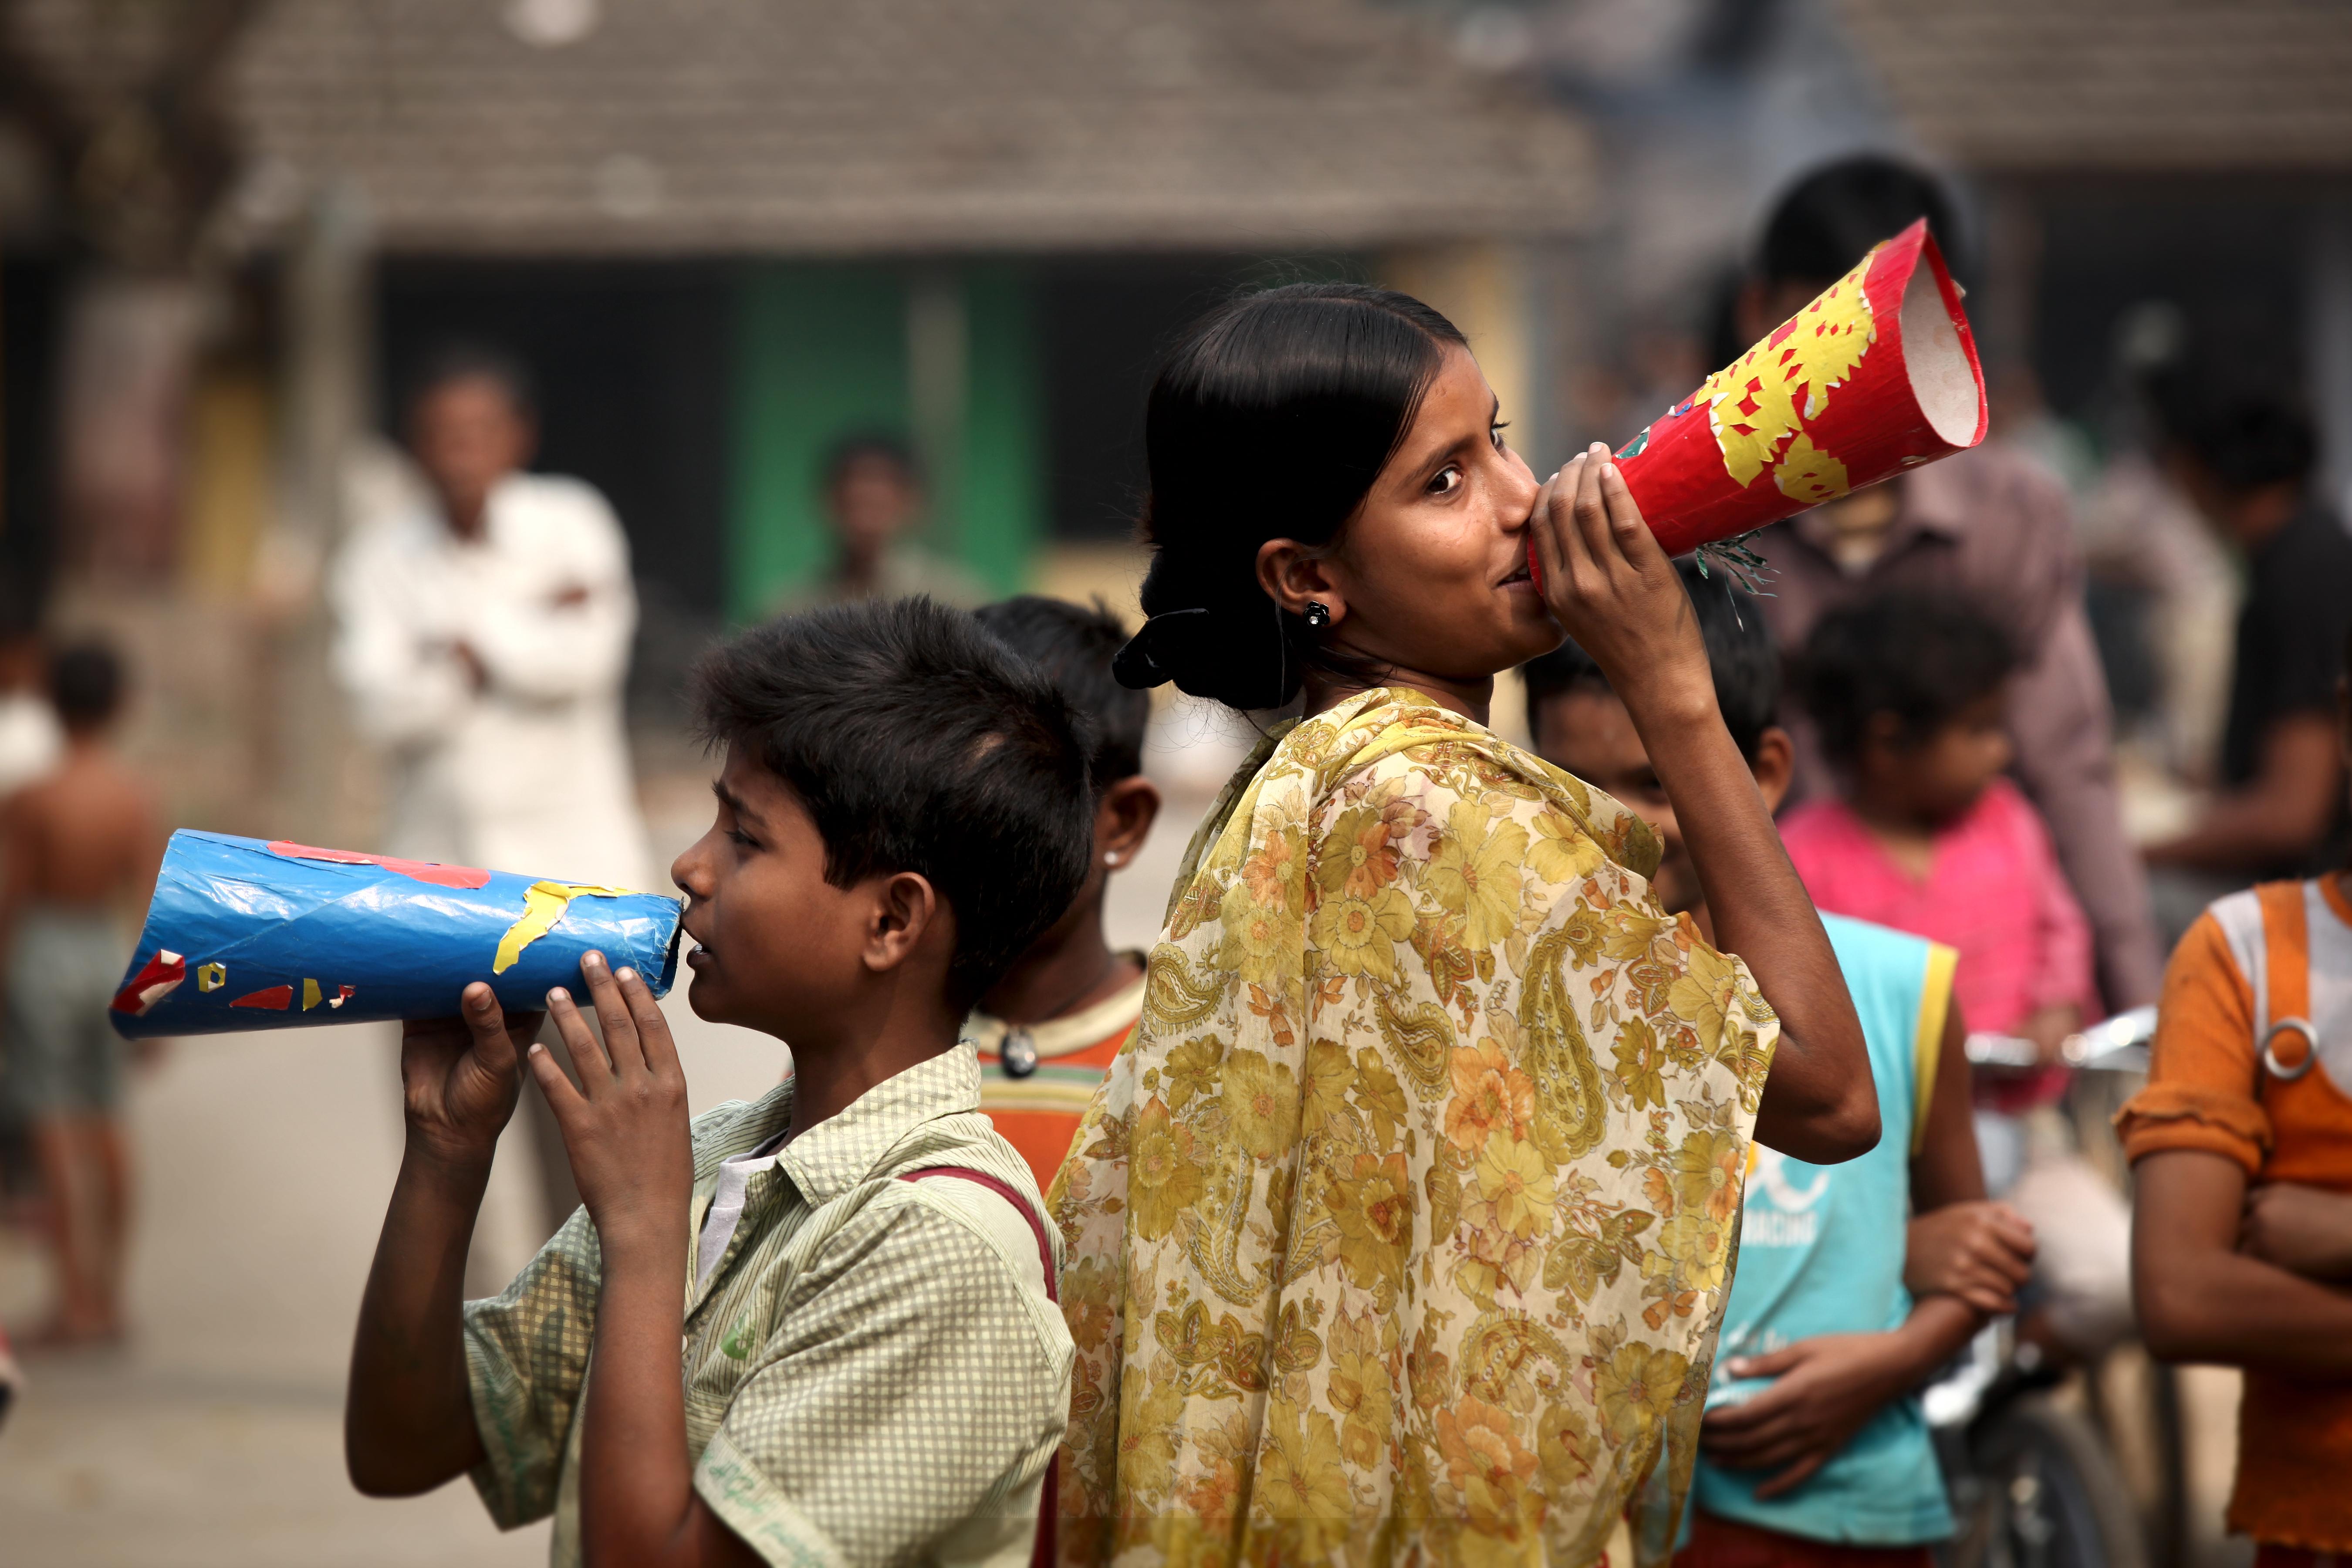 Kuva Intiasta: lapset värikkäiden megafonien kanssa